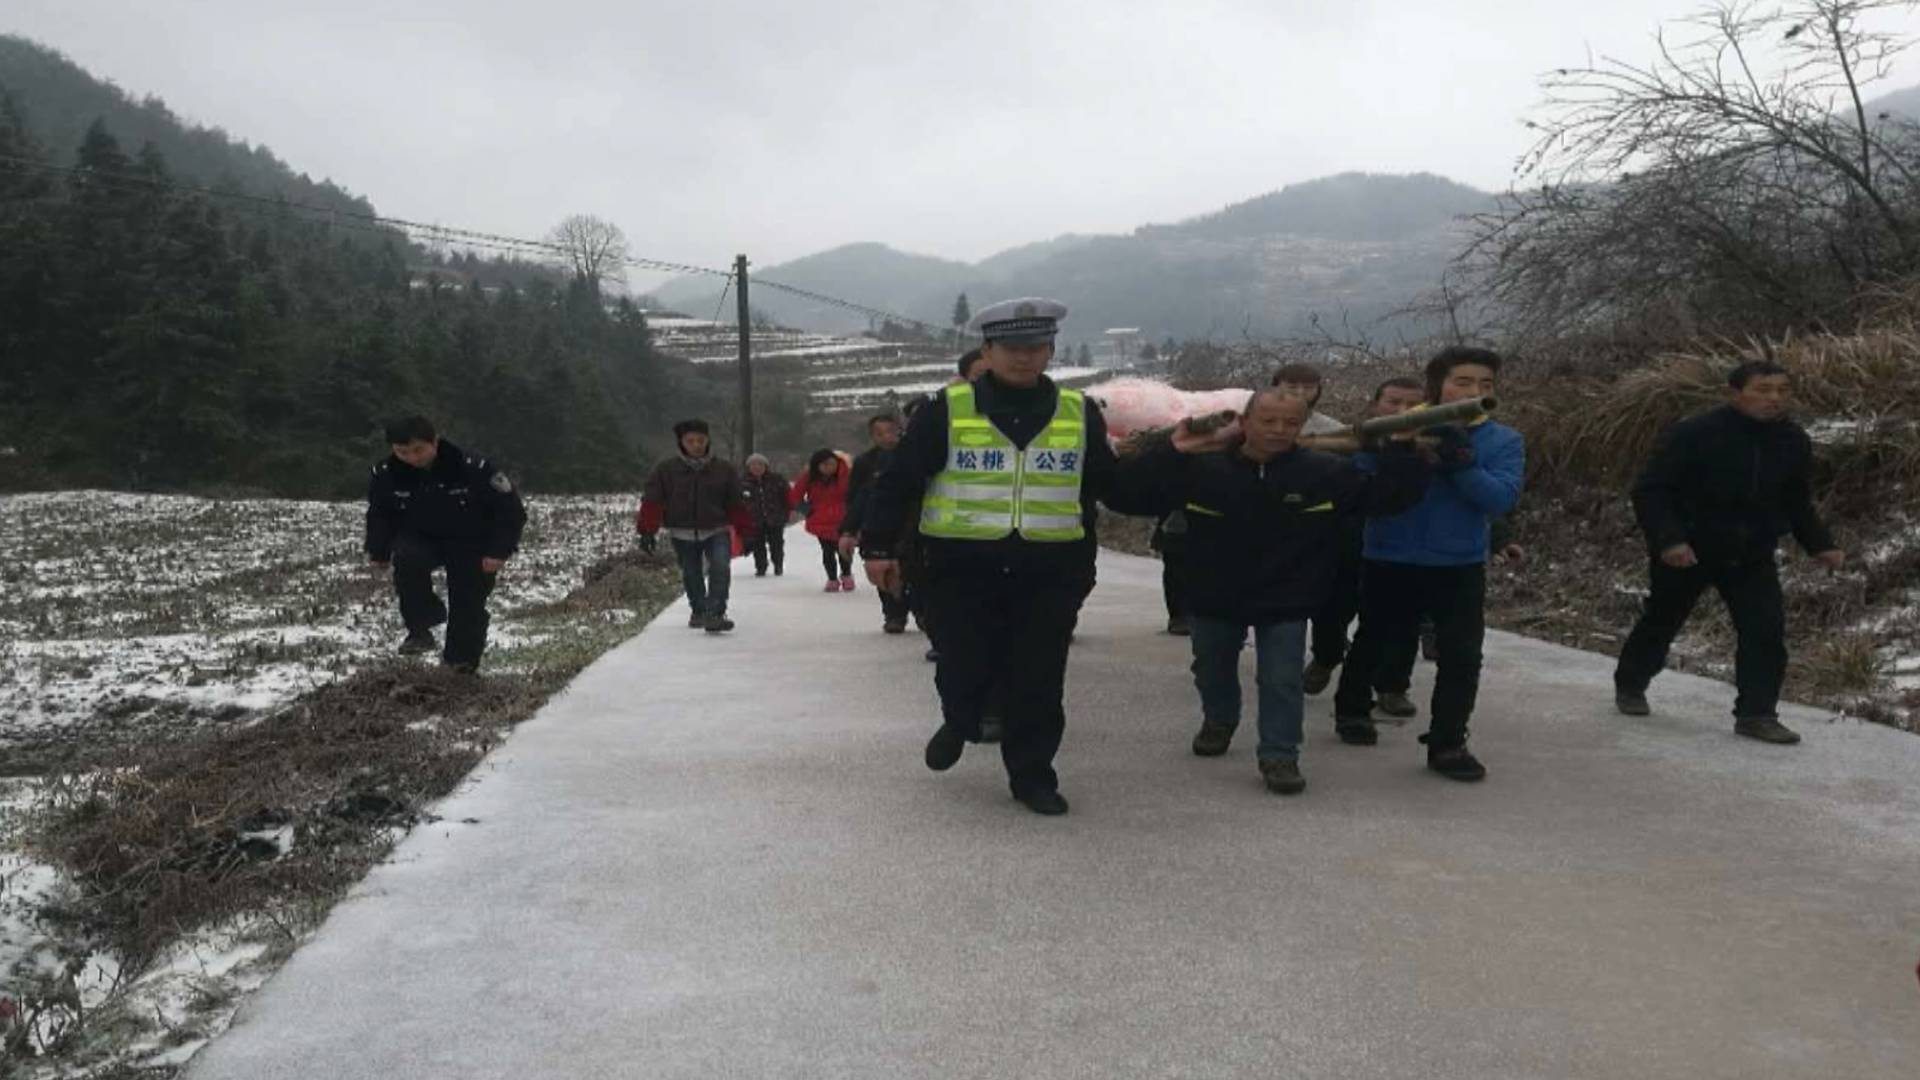 松桃:凝冻天孕妇临产  众民警担架护送